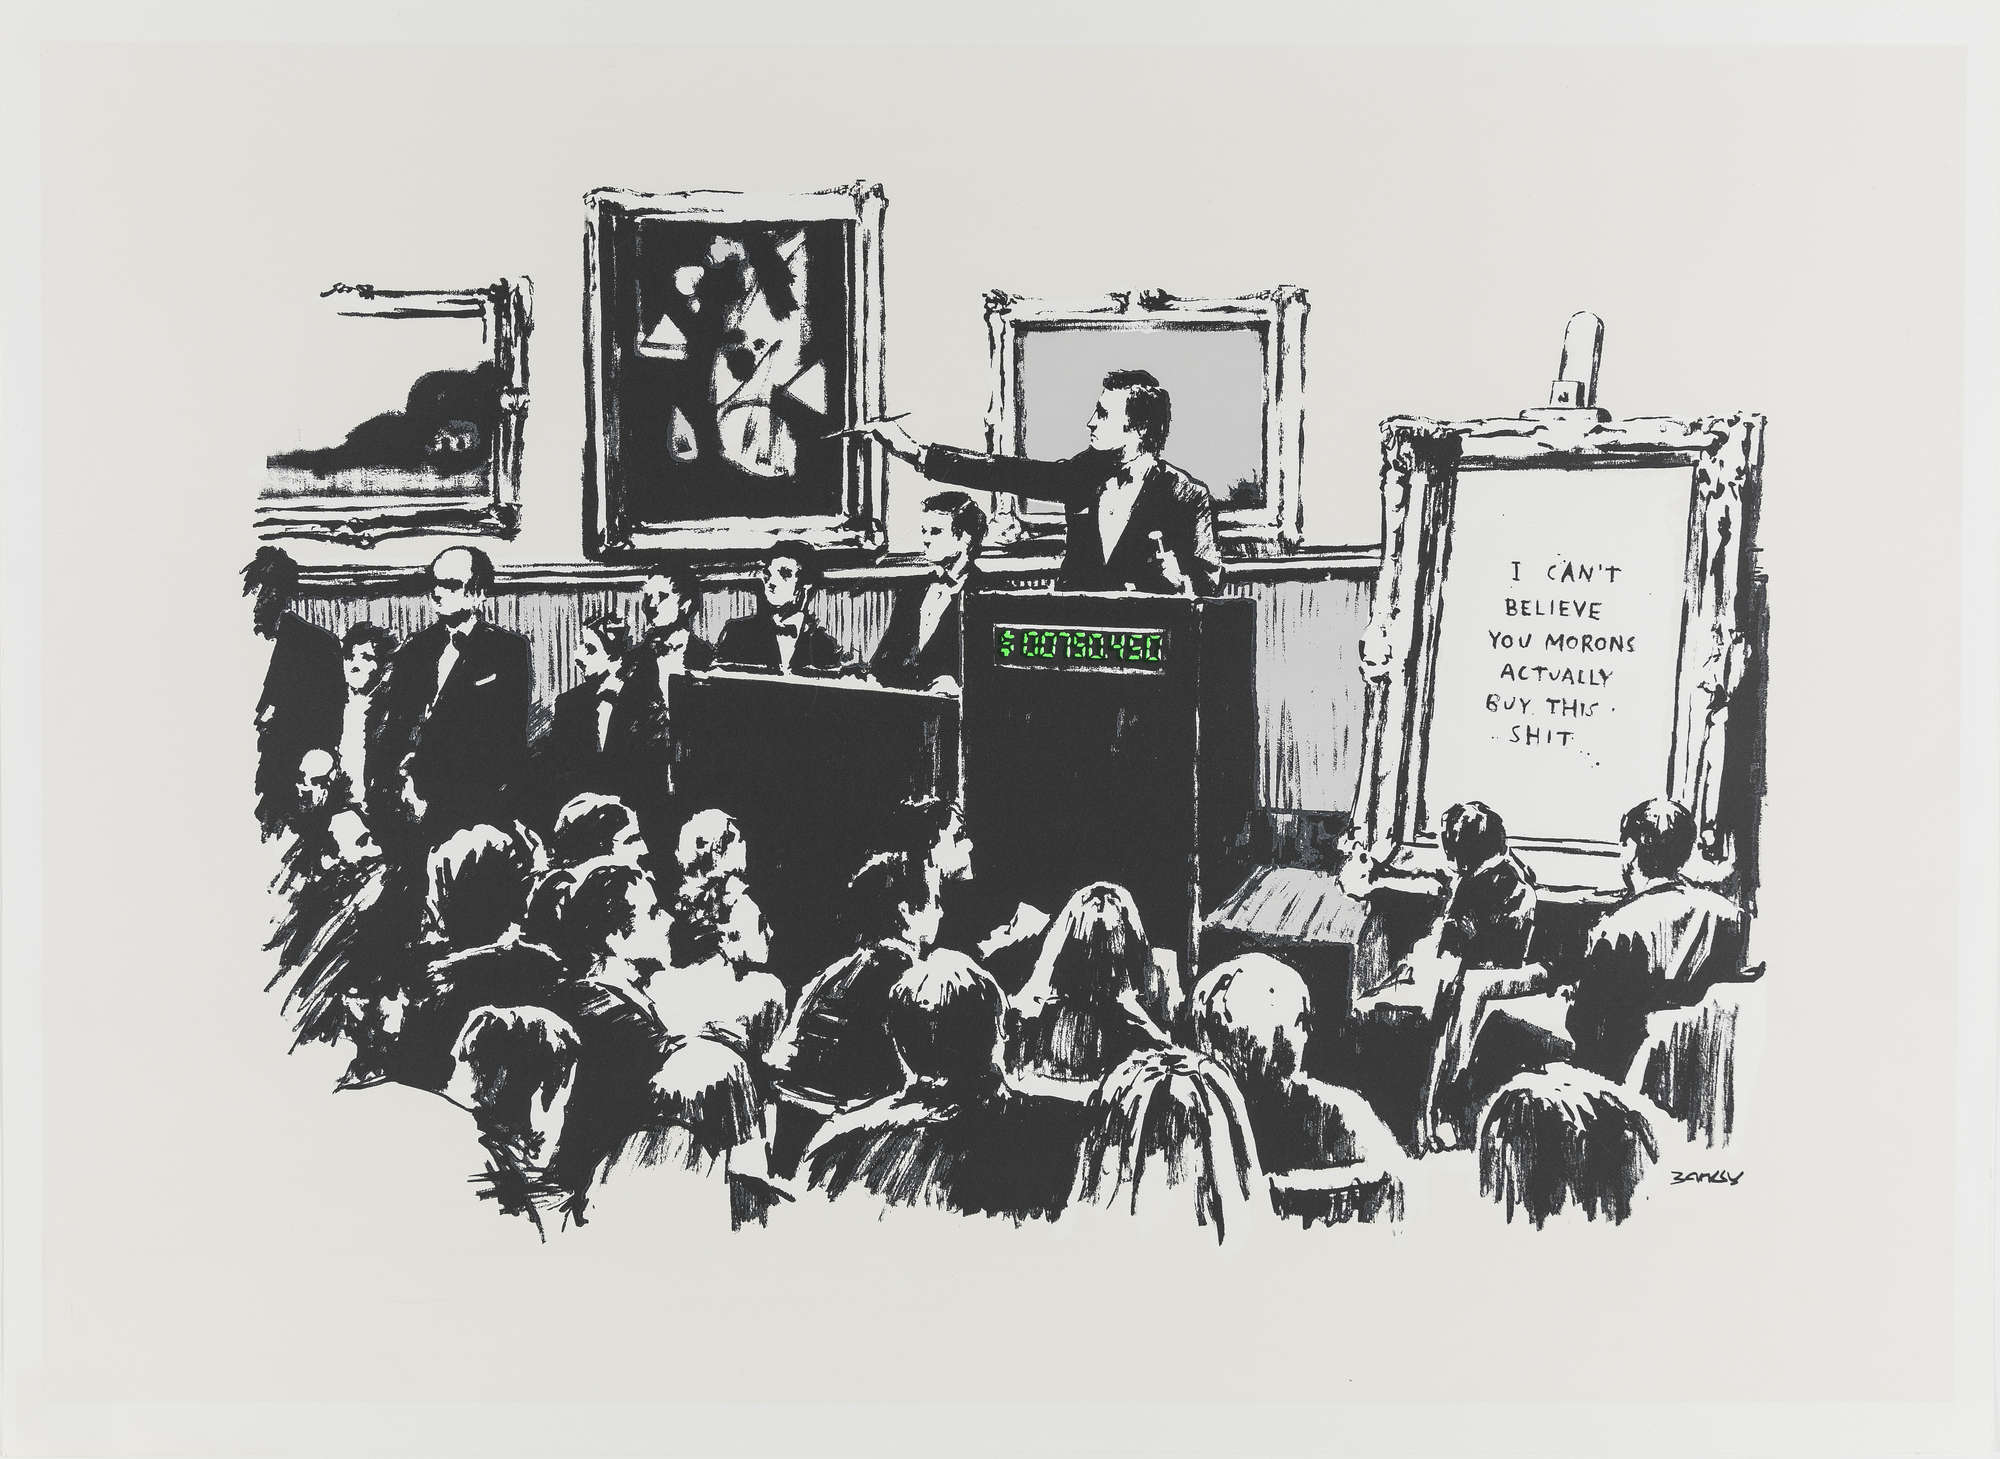 """Banksy: in asta una versione di """"Morons"""" appartenuta all'auctioneer rappresentato nella serigrafia"""